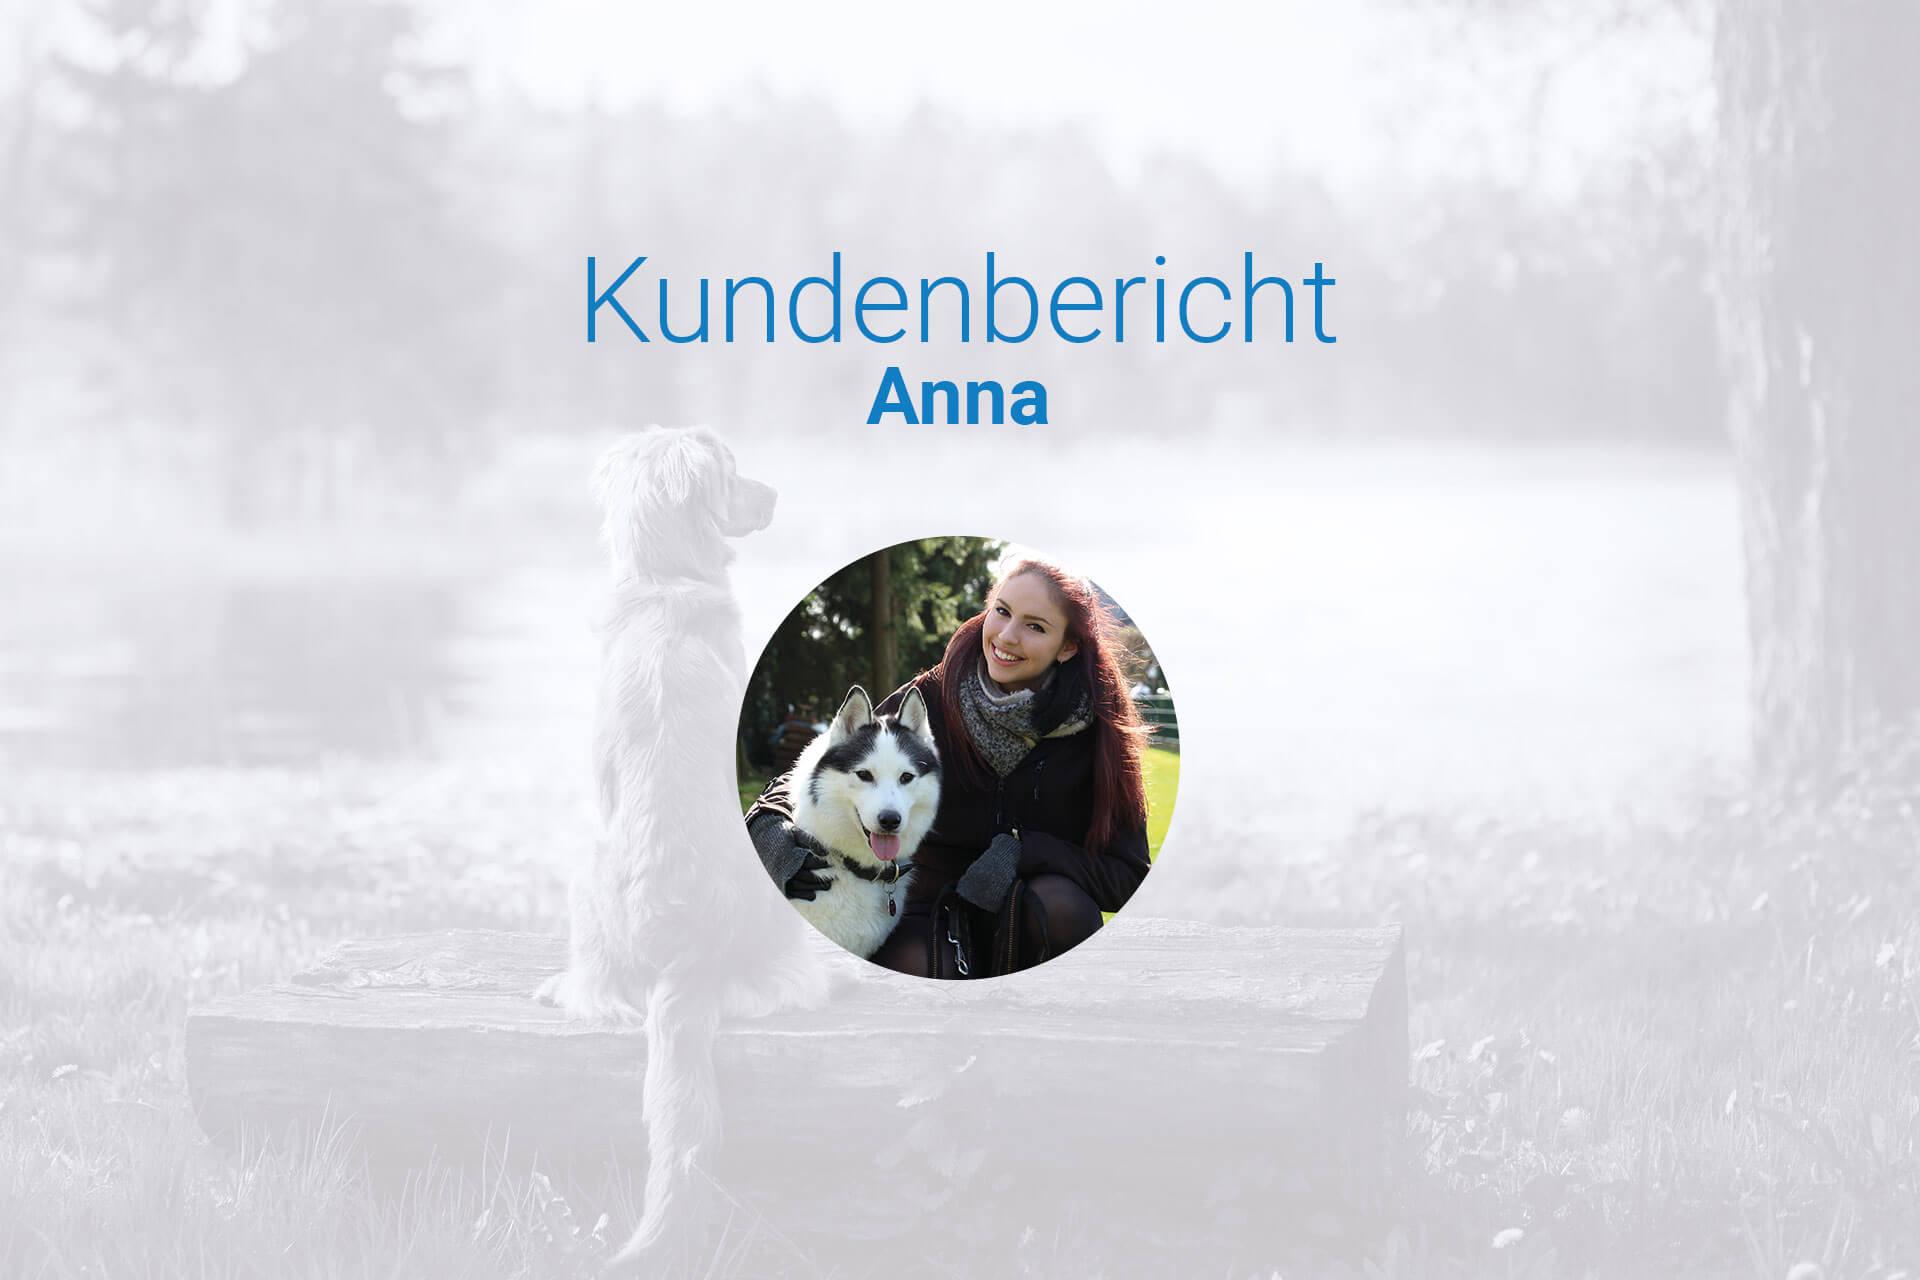 Hund ableinen & wiederfinden - Kundenbericht über die Erfahrung mit einem Tractive GPS